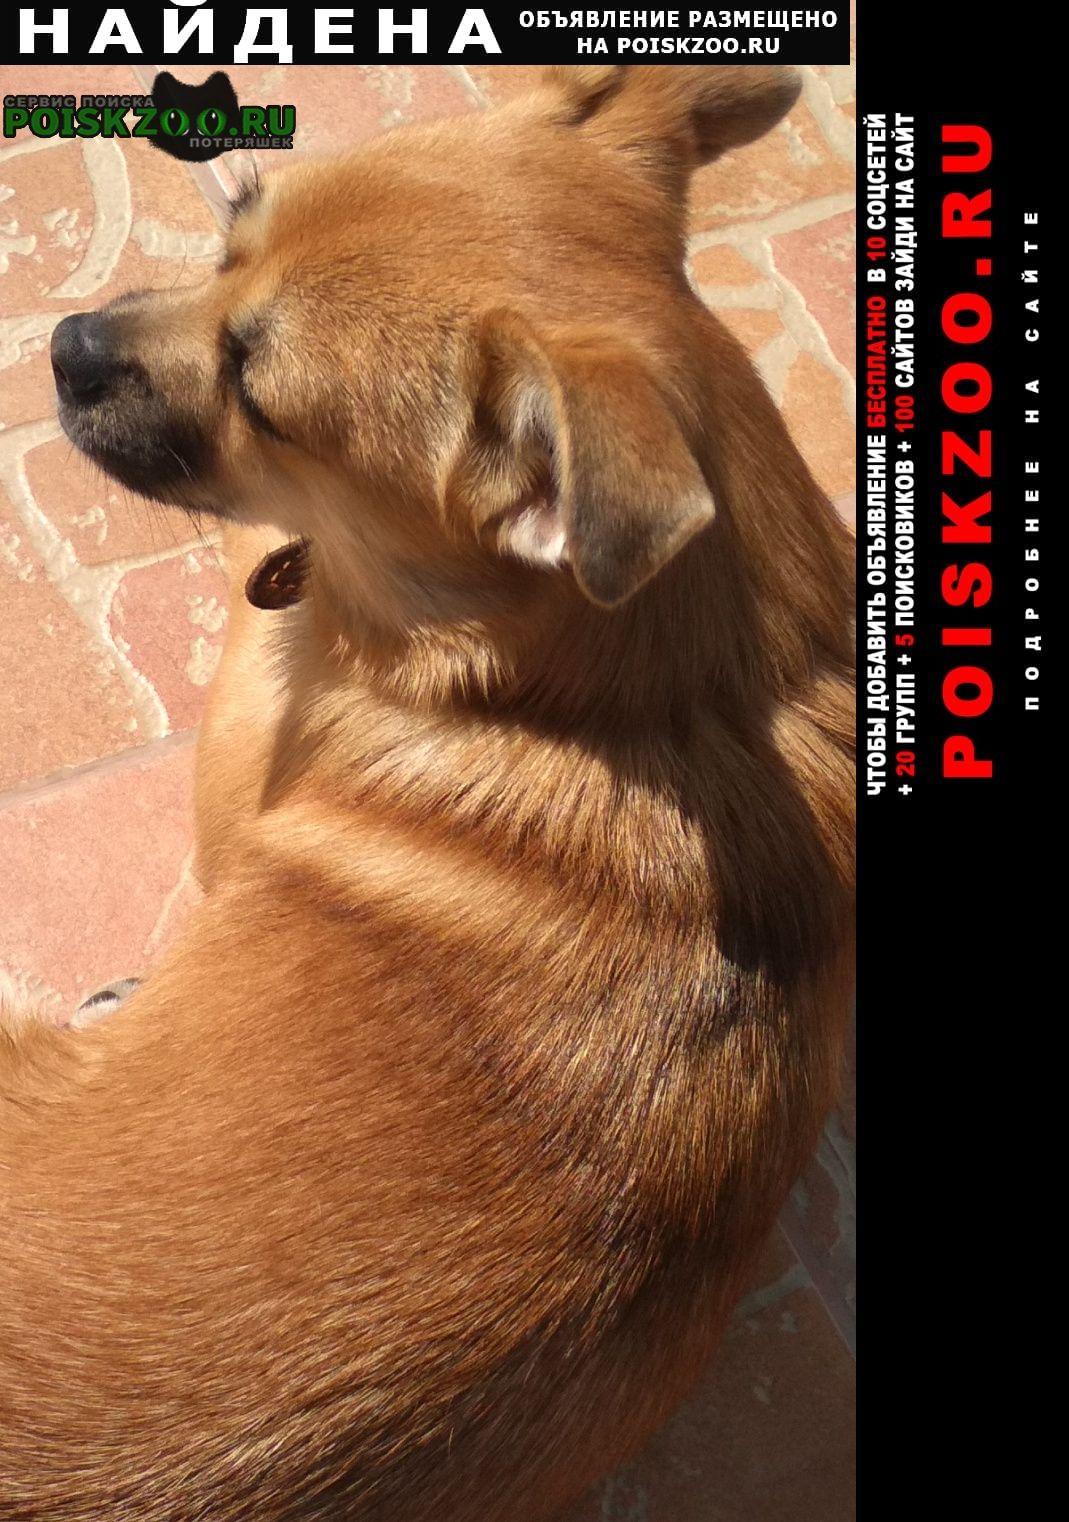 Найдена собака Челябинск